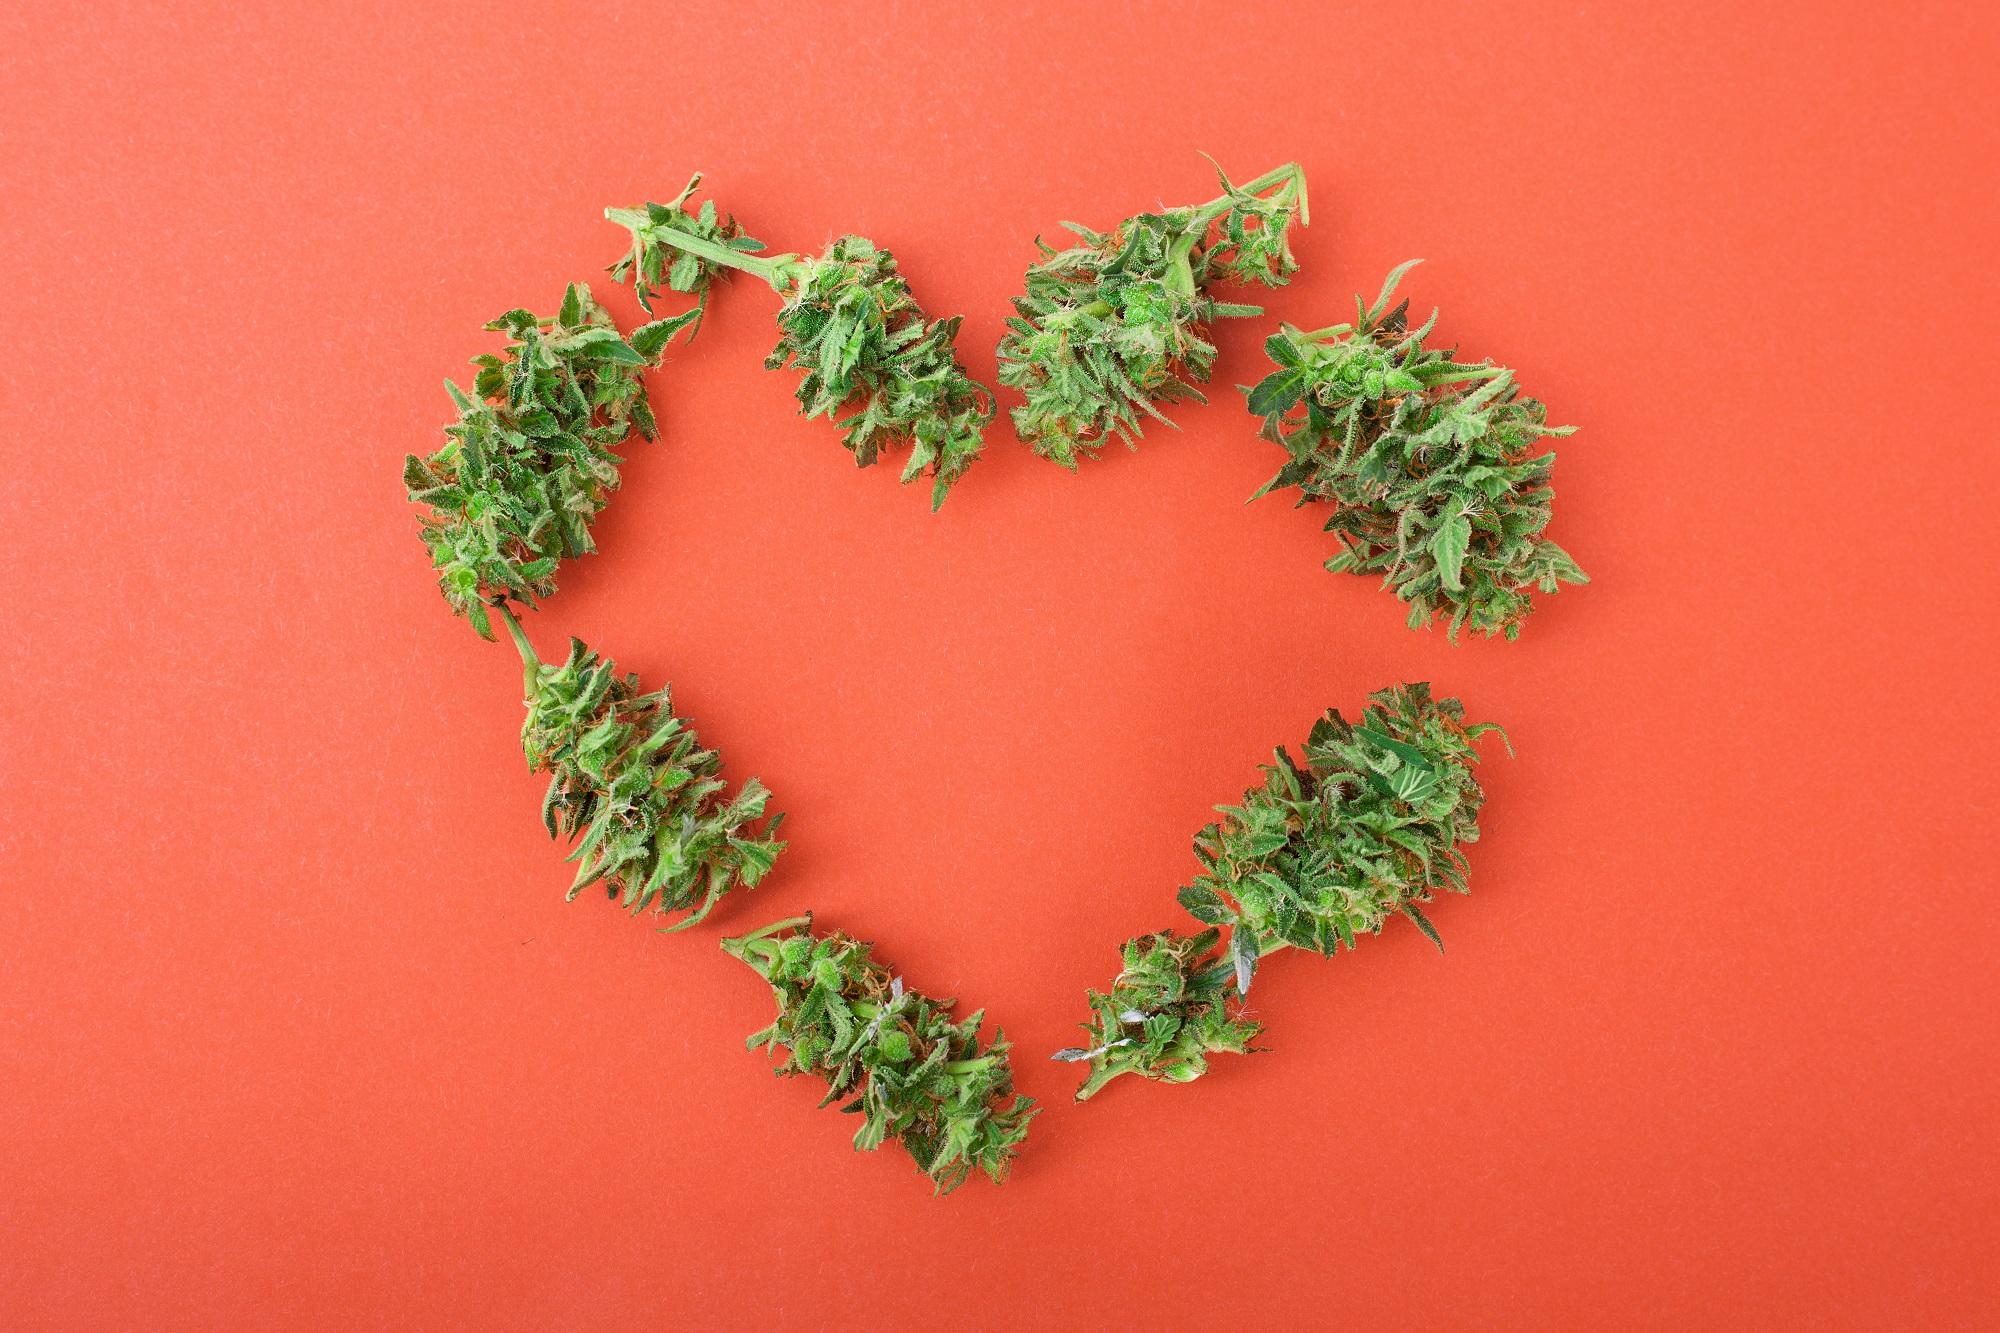 """420 Day: Warum ist es als """"Weed Day"""" bekannt?"""